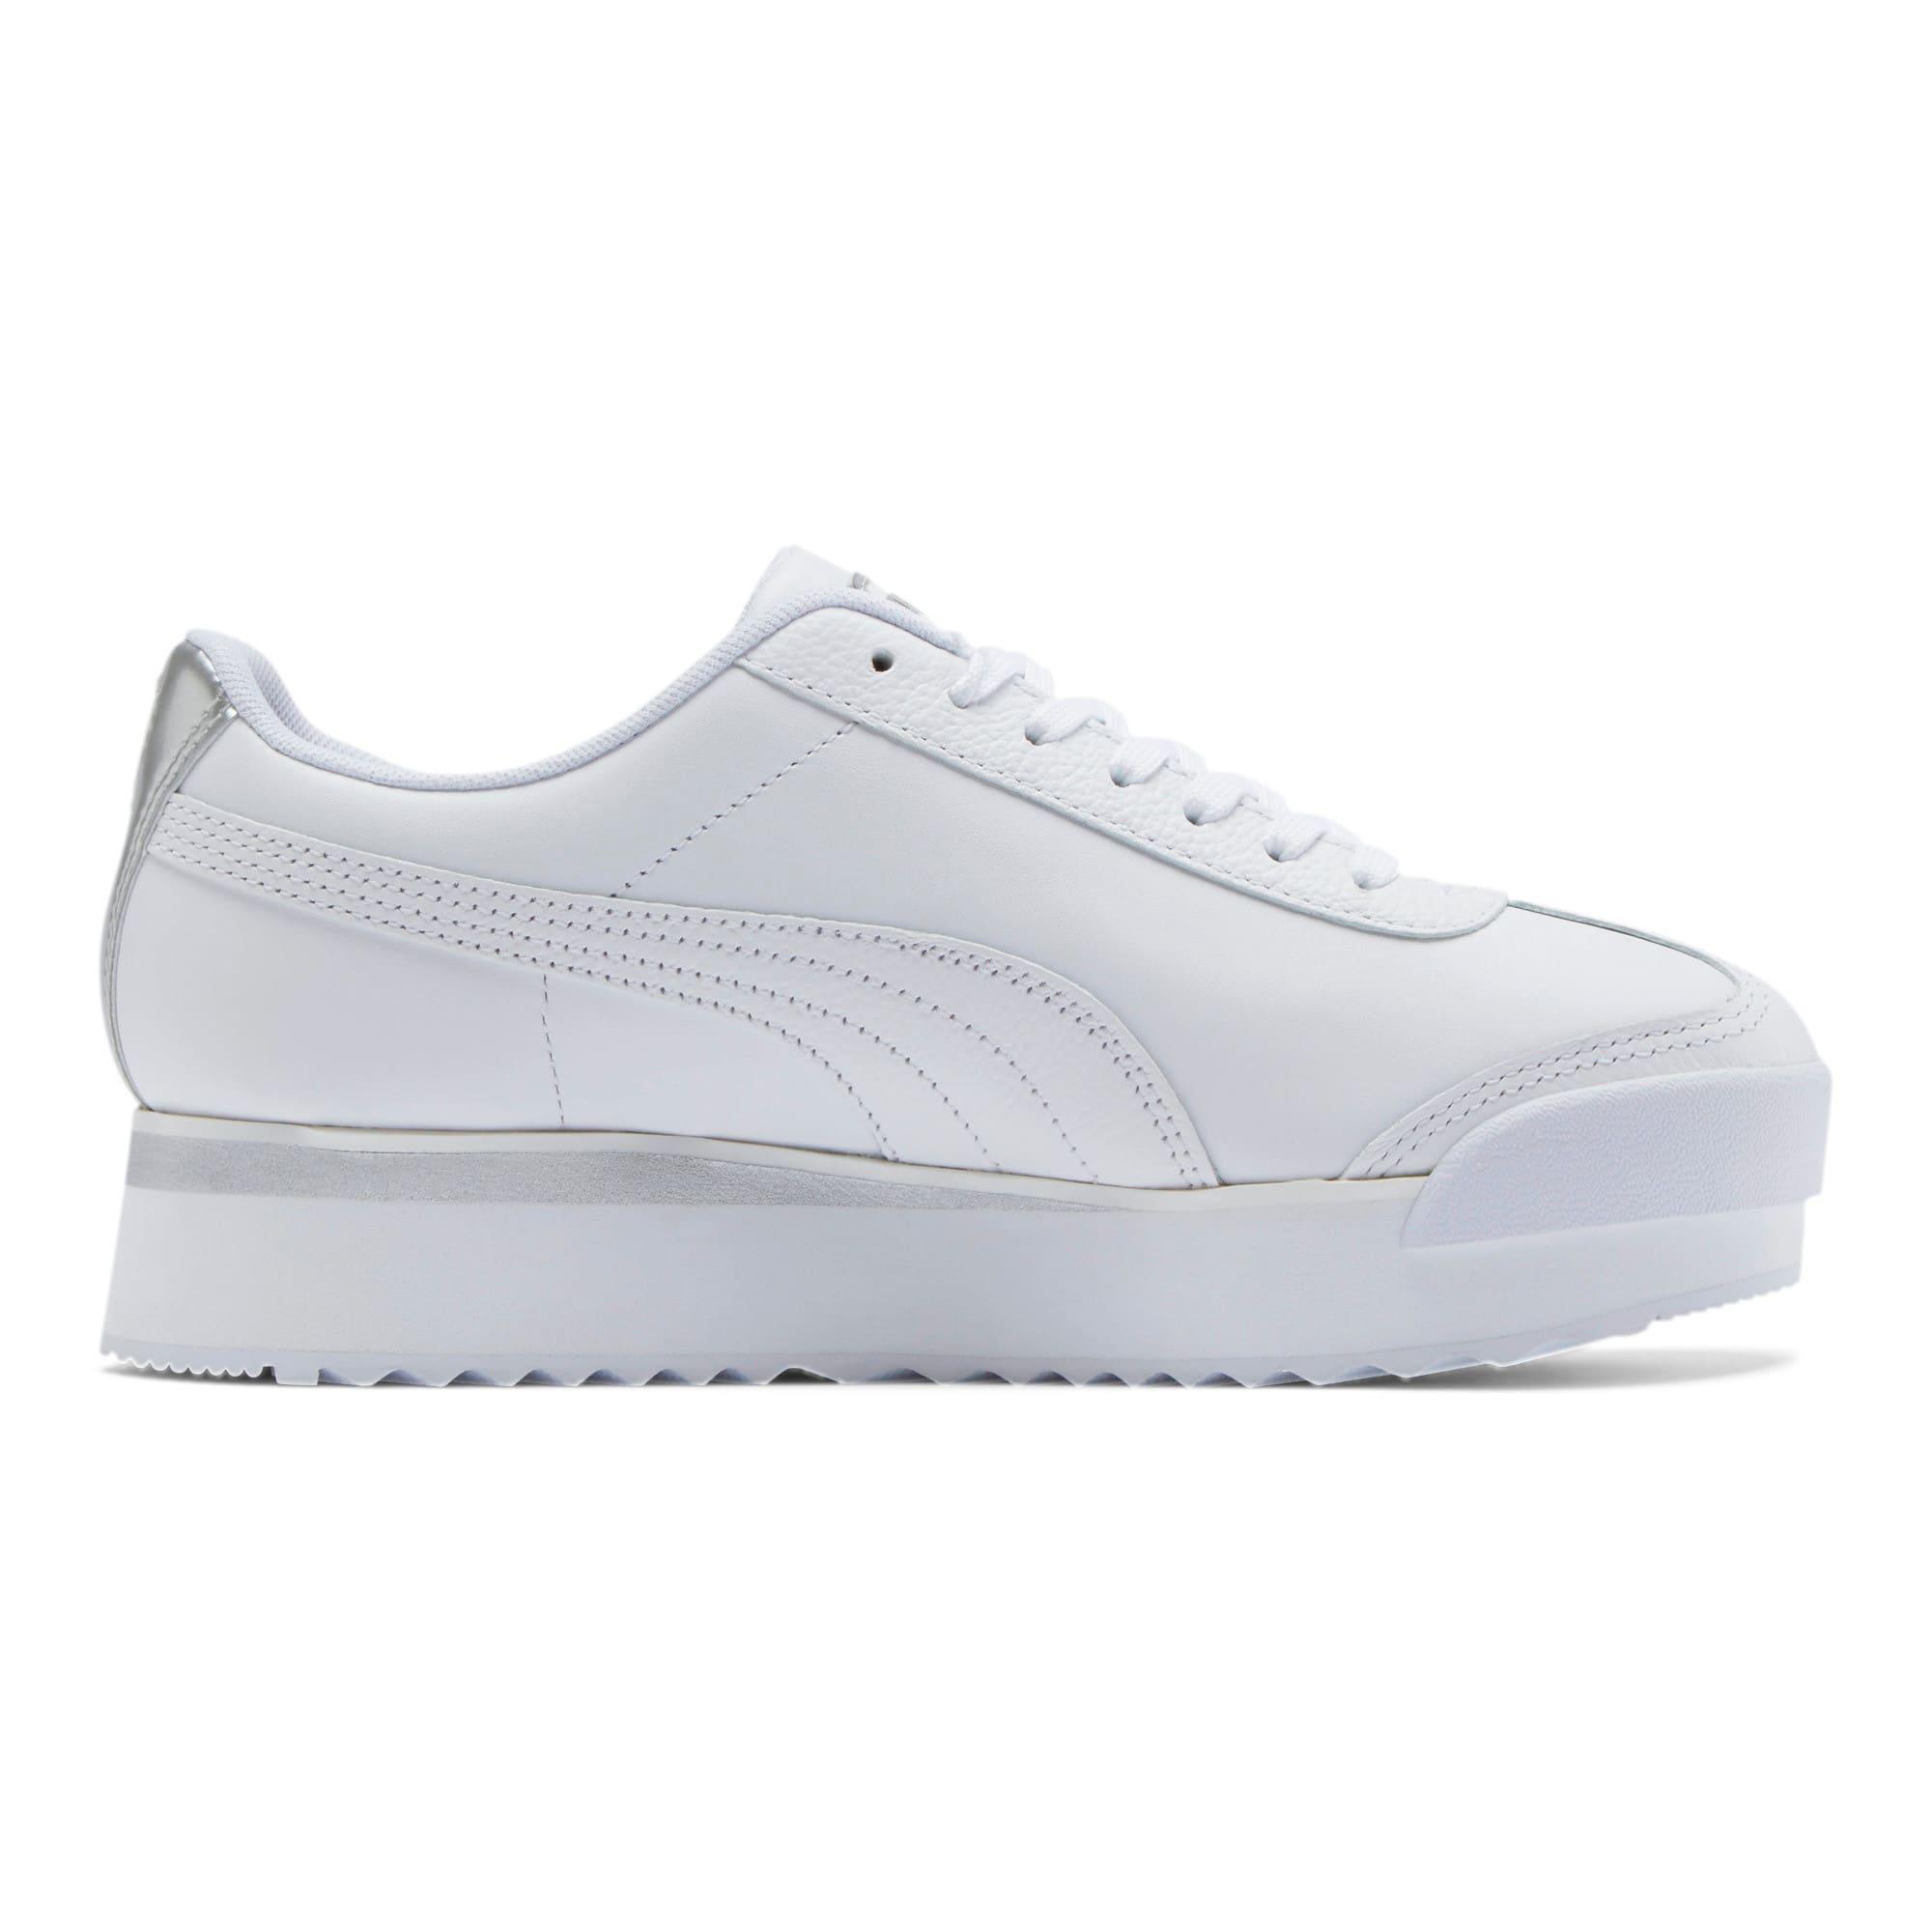 Thumbnail 5 of Roma Amor Leather Metallic Women's Sneakers, White-Whisper White-Silver, medium